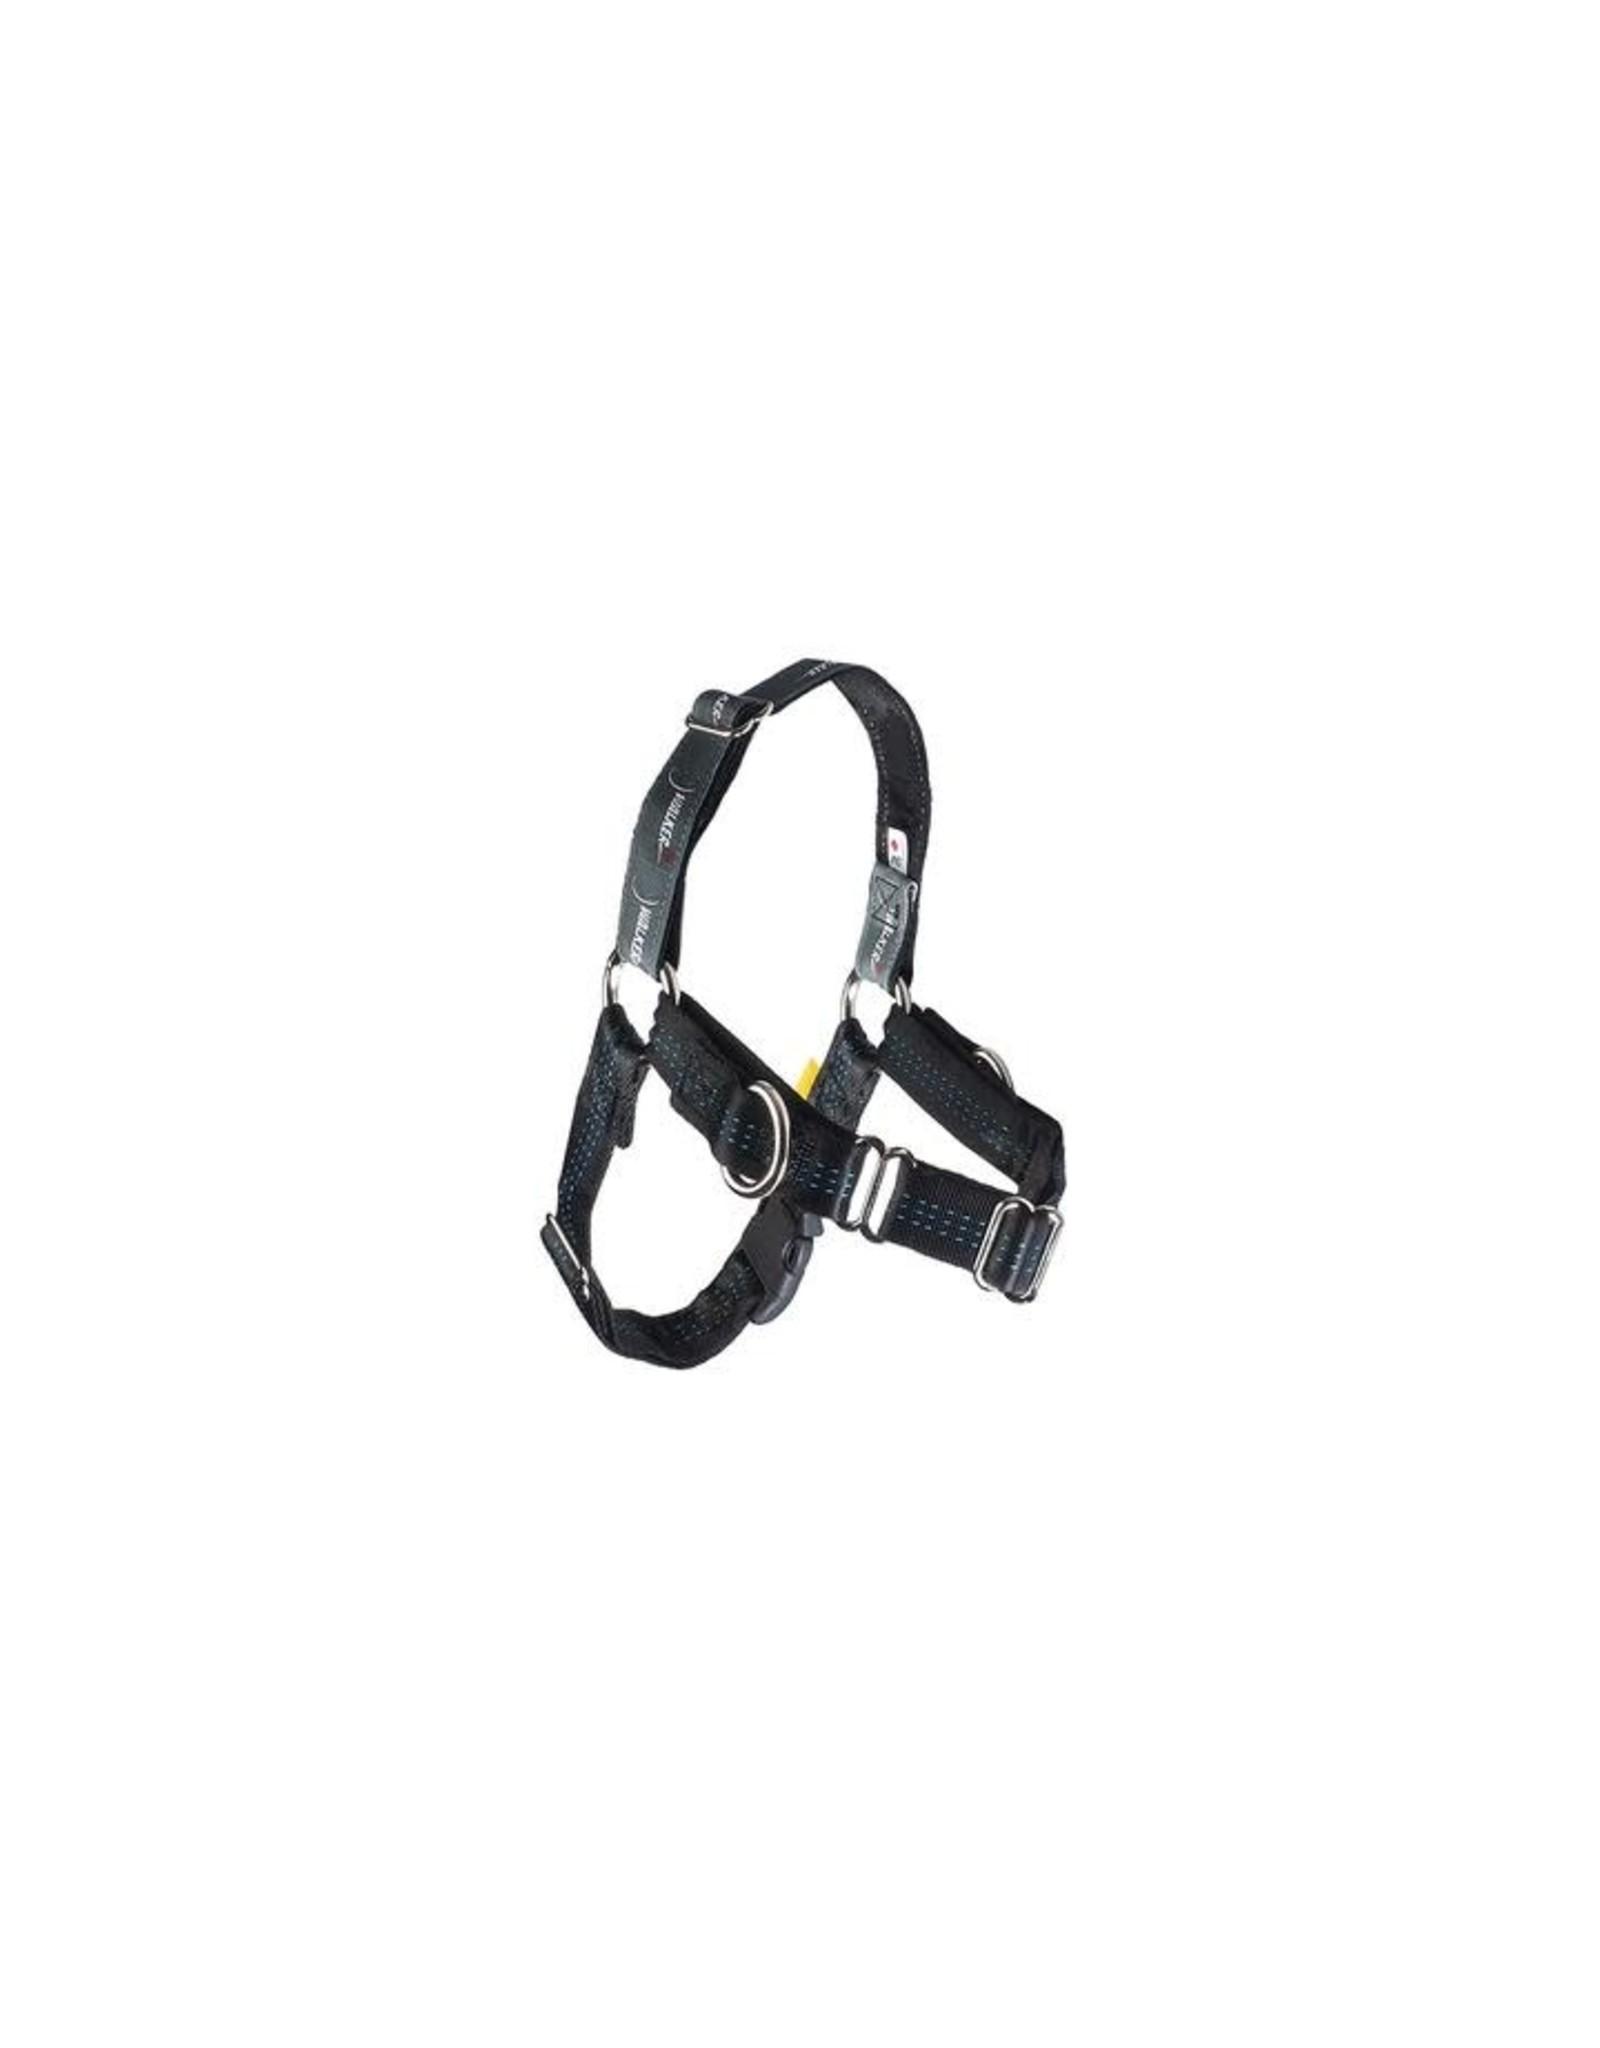 JWalker JWalker Harness - Black - S/M